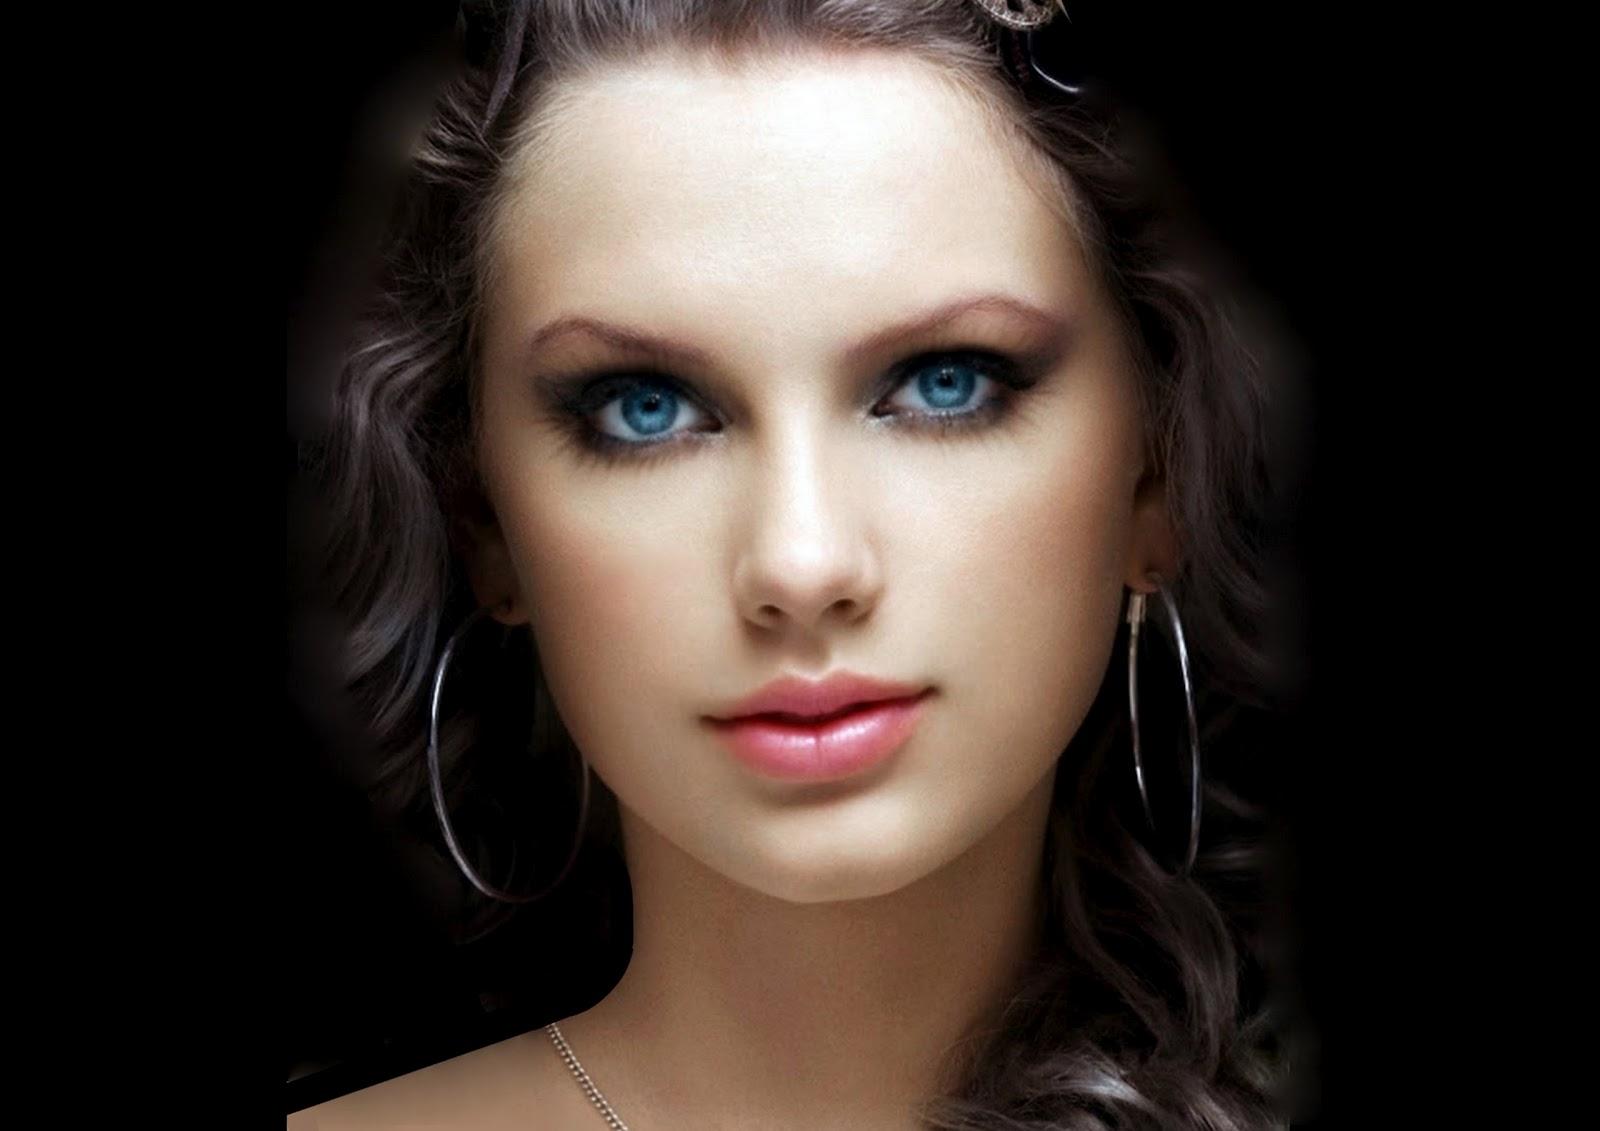 http://2.bp.blogspot.com/-GFnfyEFhYsM/T5lNkmaEjsI/AAAAAAAACaA/WaN-DKEx3fE/s1600/Beautiful-Eyes-taylor-swift-23702227-2560-1810.jpg